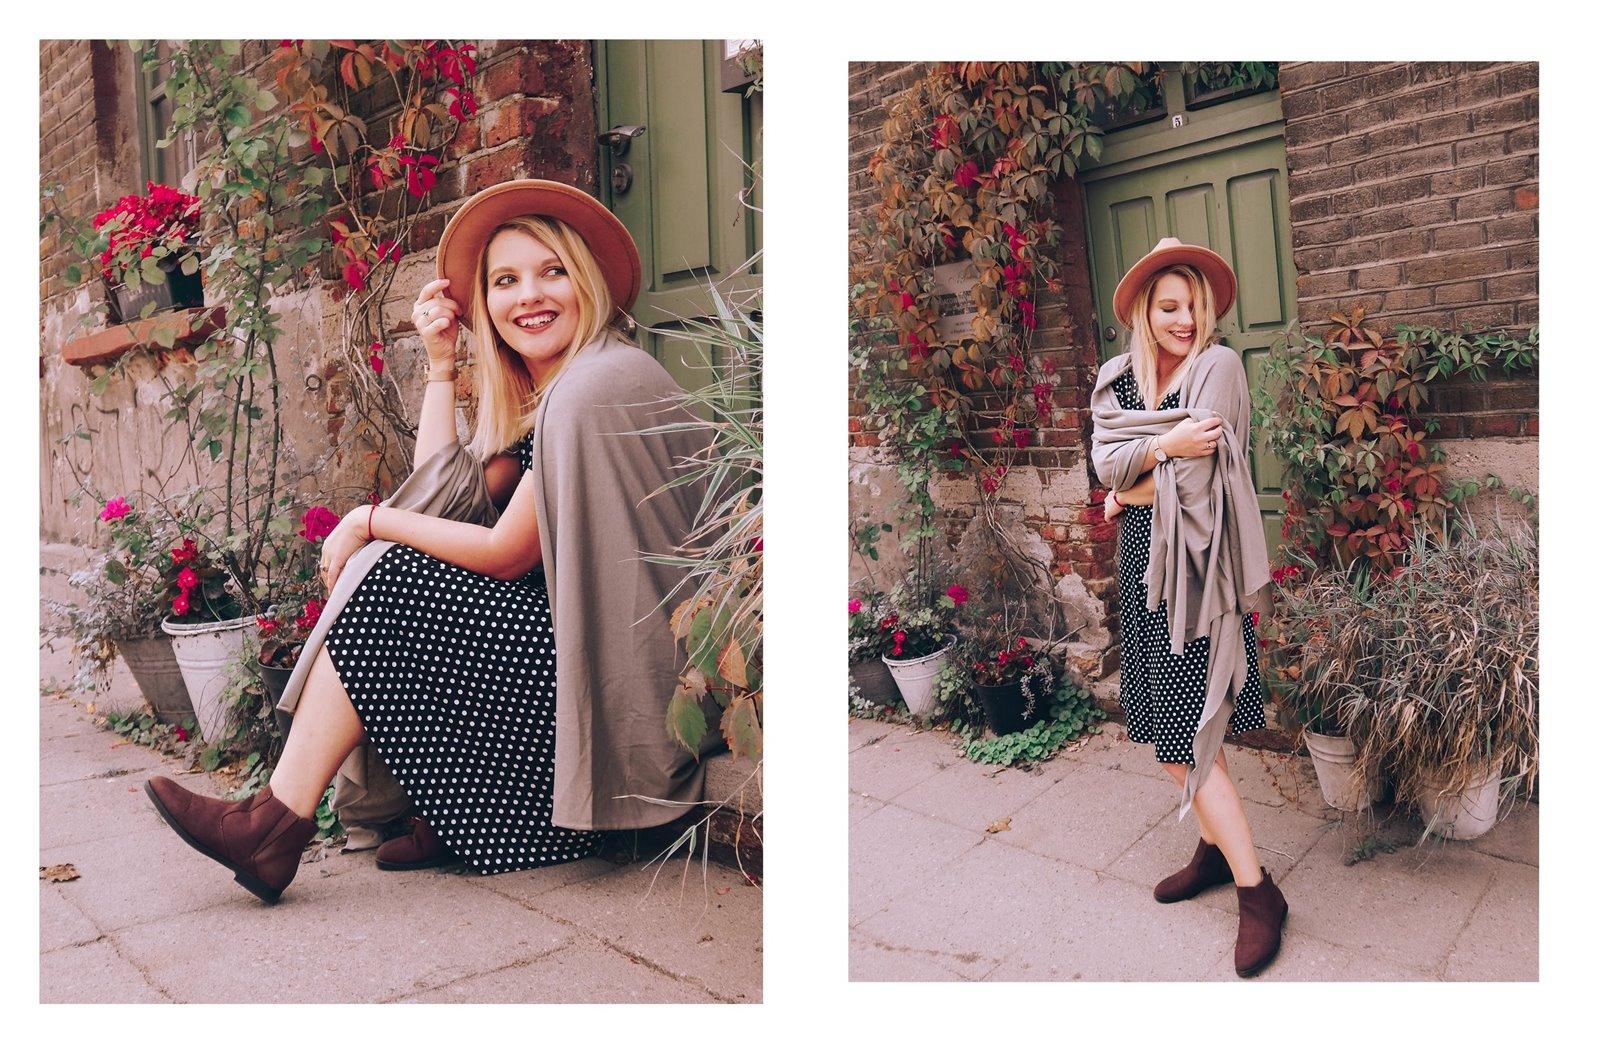 6a jak zdobyć popularność na instagramie oszustwa kłamstwa blogerów jak blogosfera kłamie reklamy na blogach facebooku stylizacja blog łódź melodylaniella bonprix sukienka kapelusz hot moda cado szal sukienka